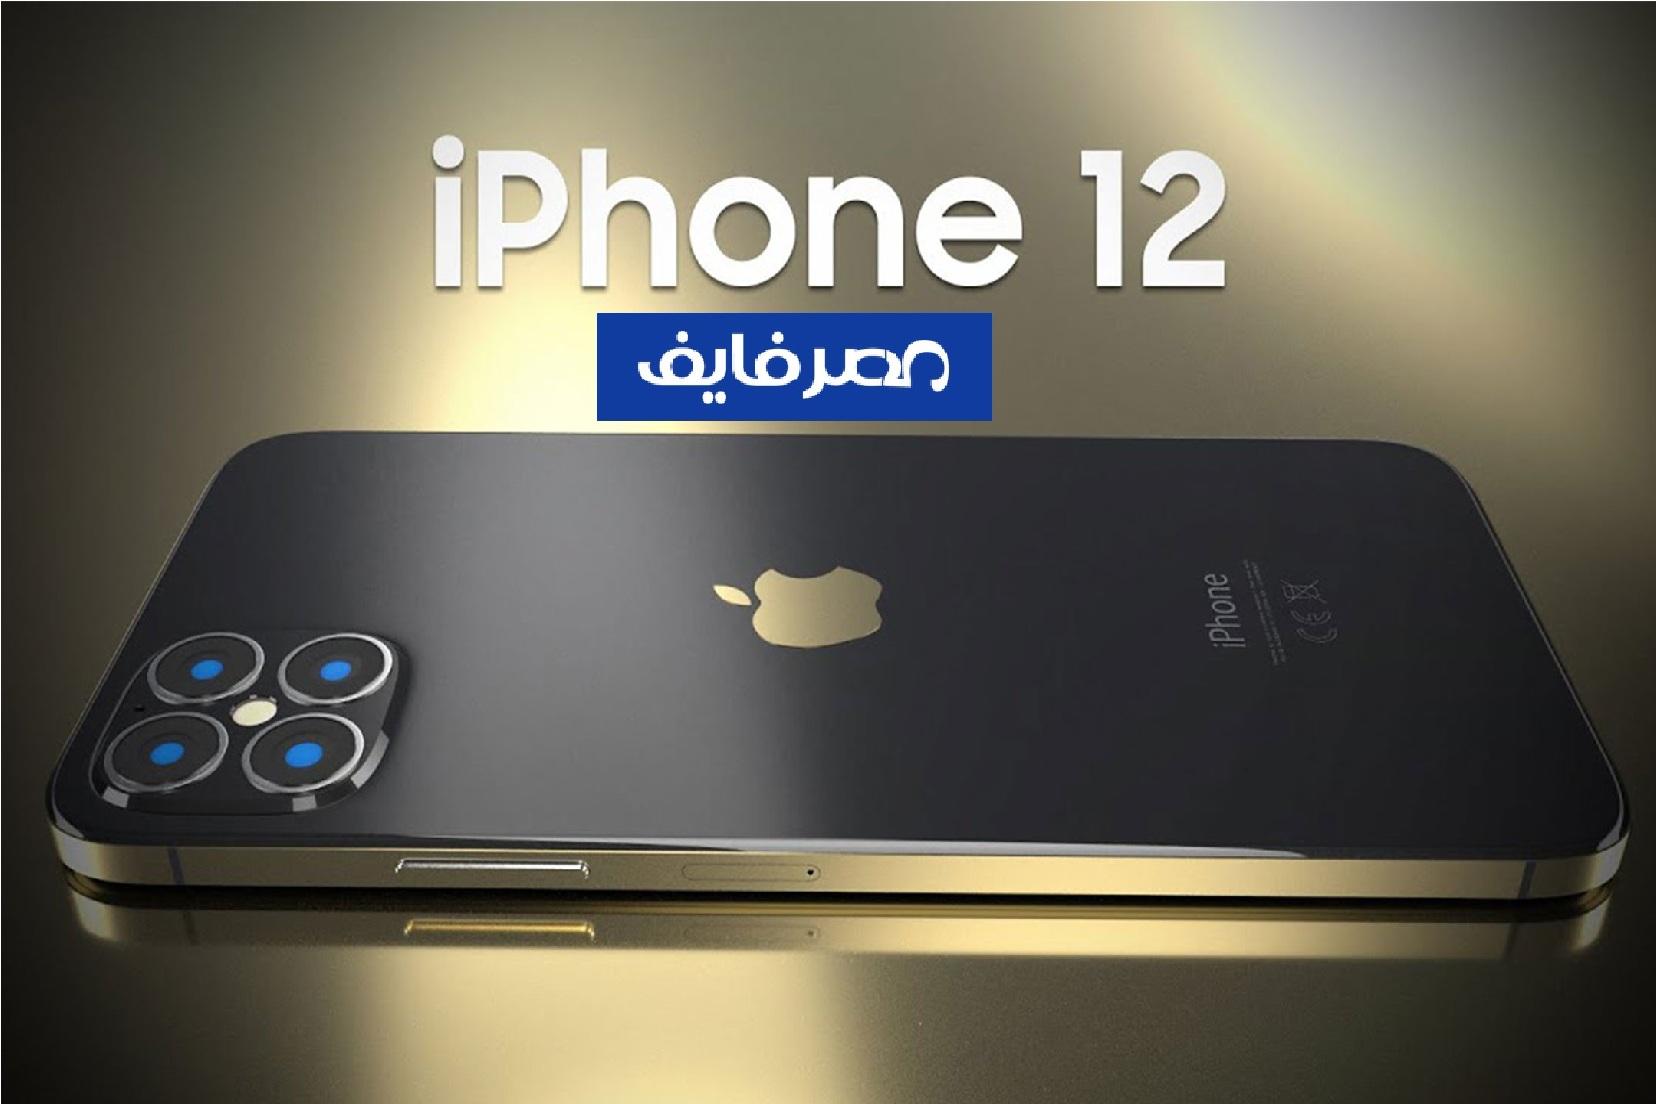 تأجيل ميزة الخصوصية الجديدة في تليفون أيفون 12 بسبب اعتراض فيسبوك